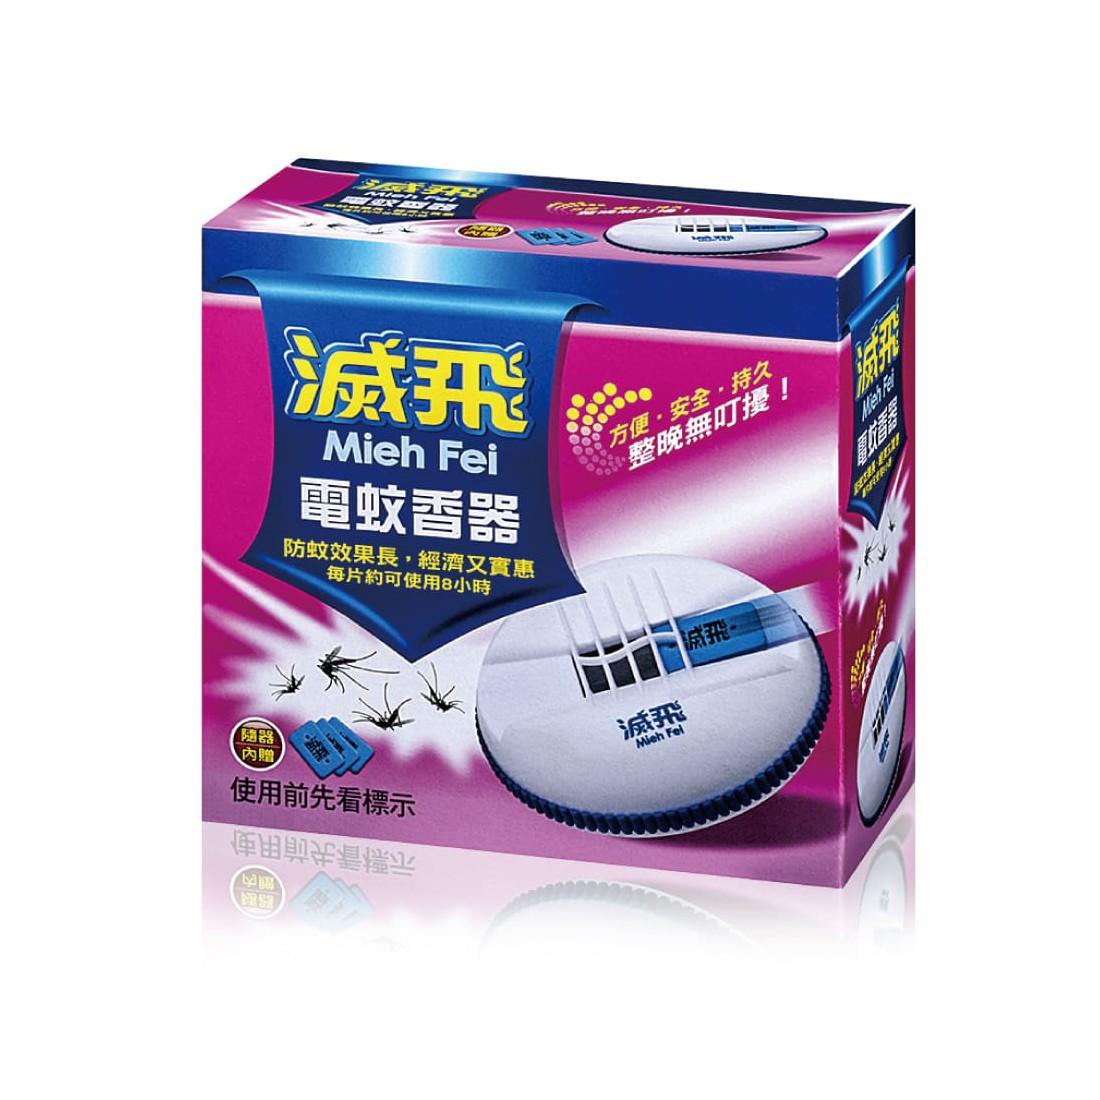 噴效水性噴霧殺蟲劑 6瓶(600ml/瓶)